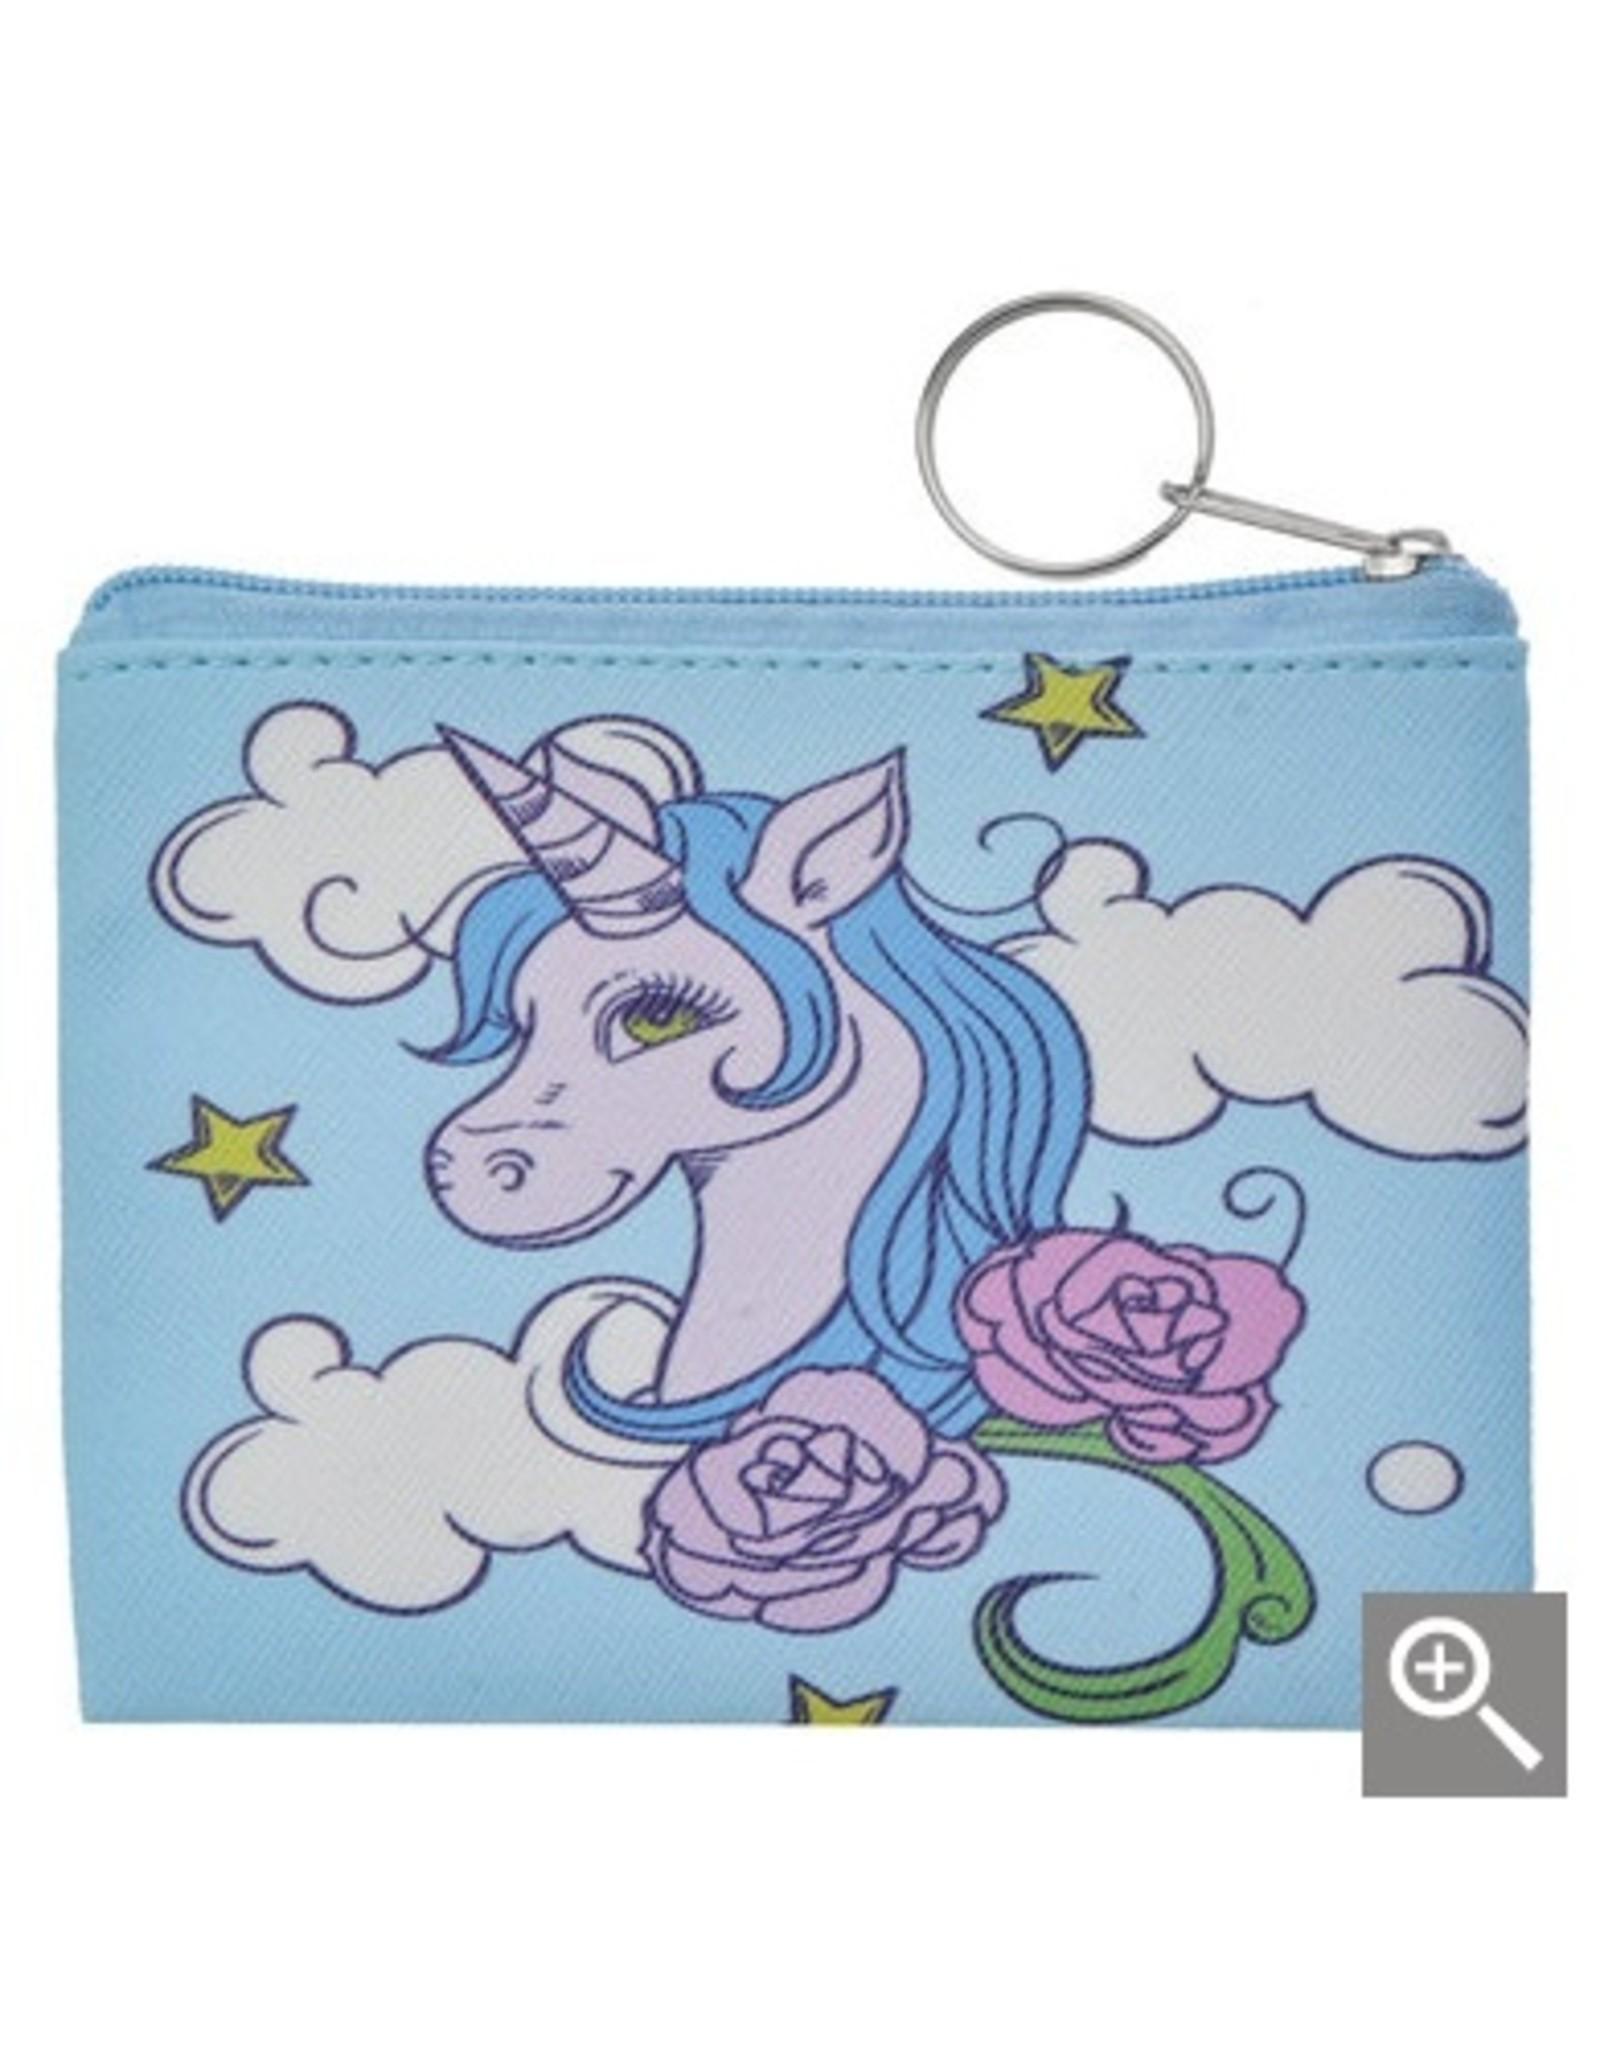 Clayre & Eef Kinder portemonnee - blauwe eenhoorn